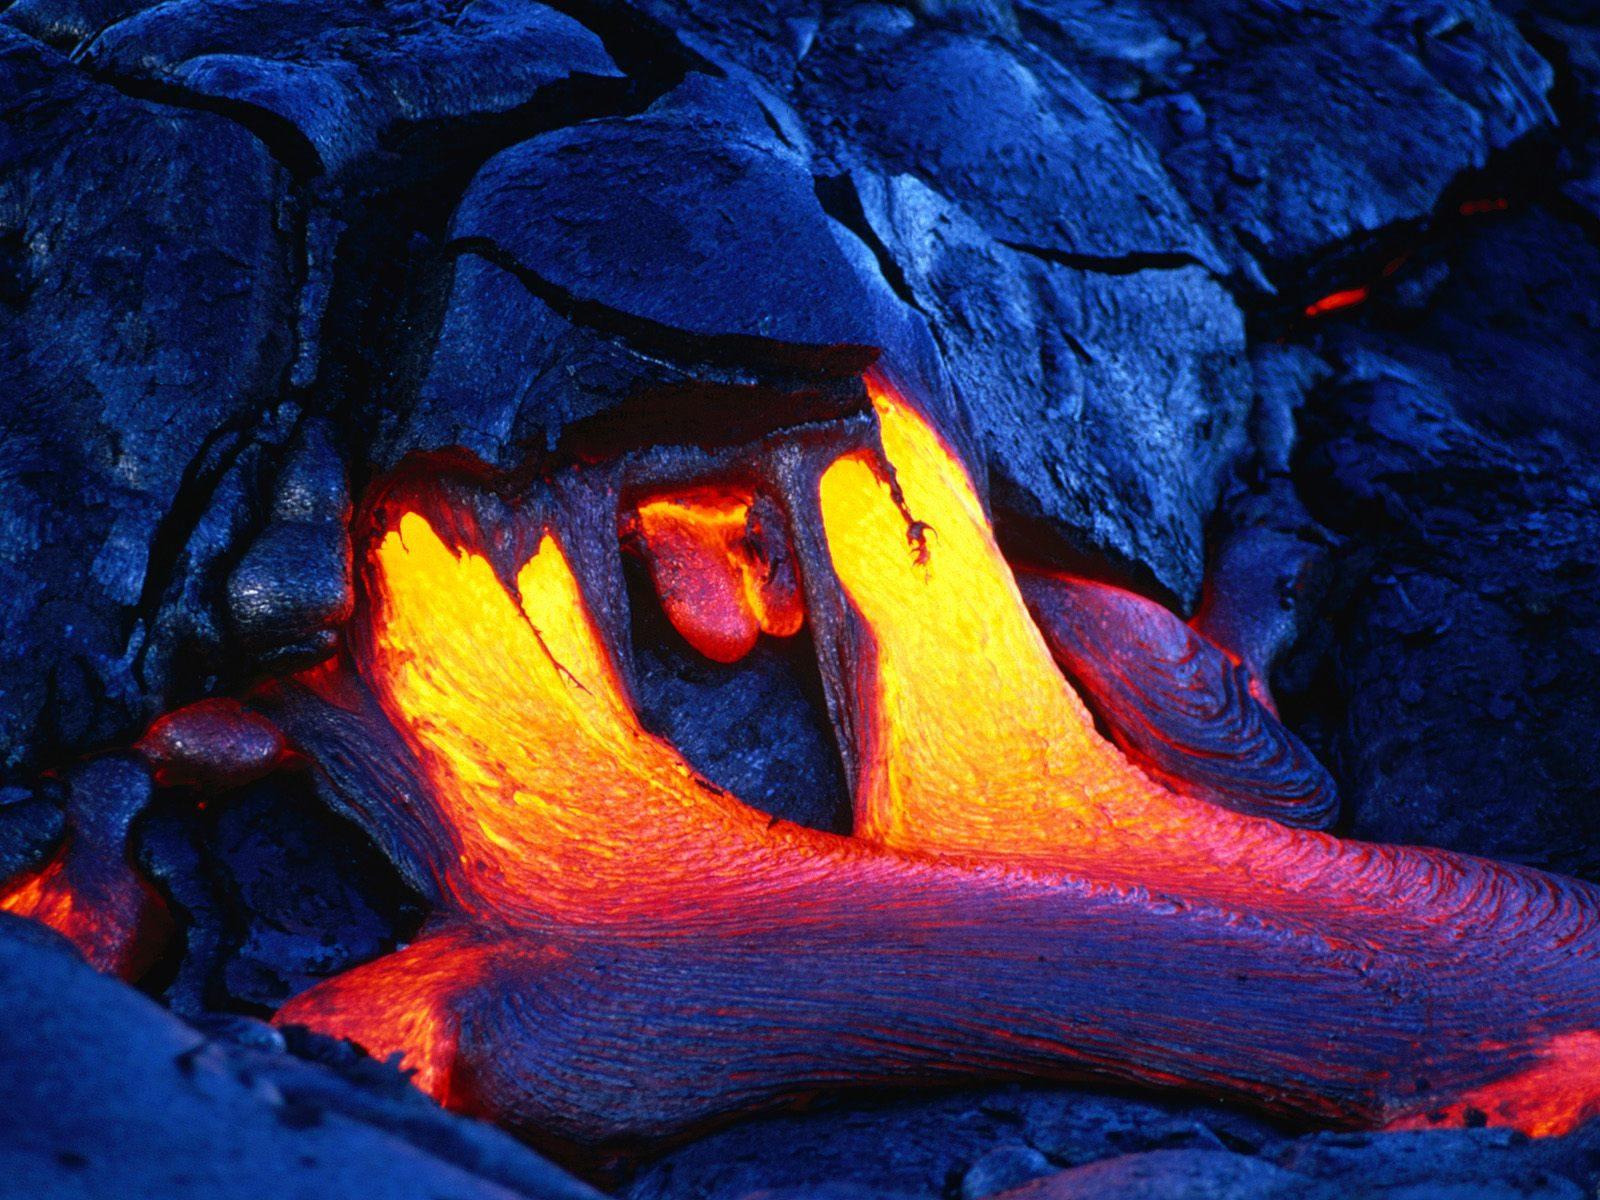 lava wallpaper - photo #27